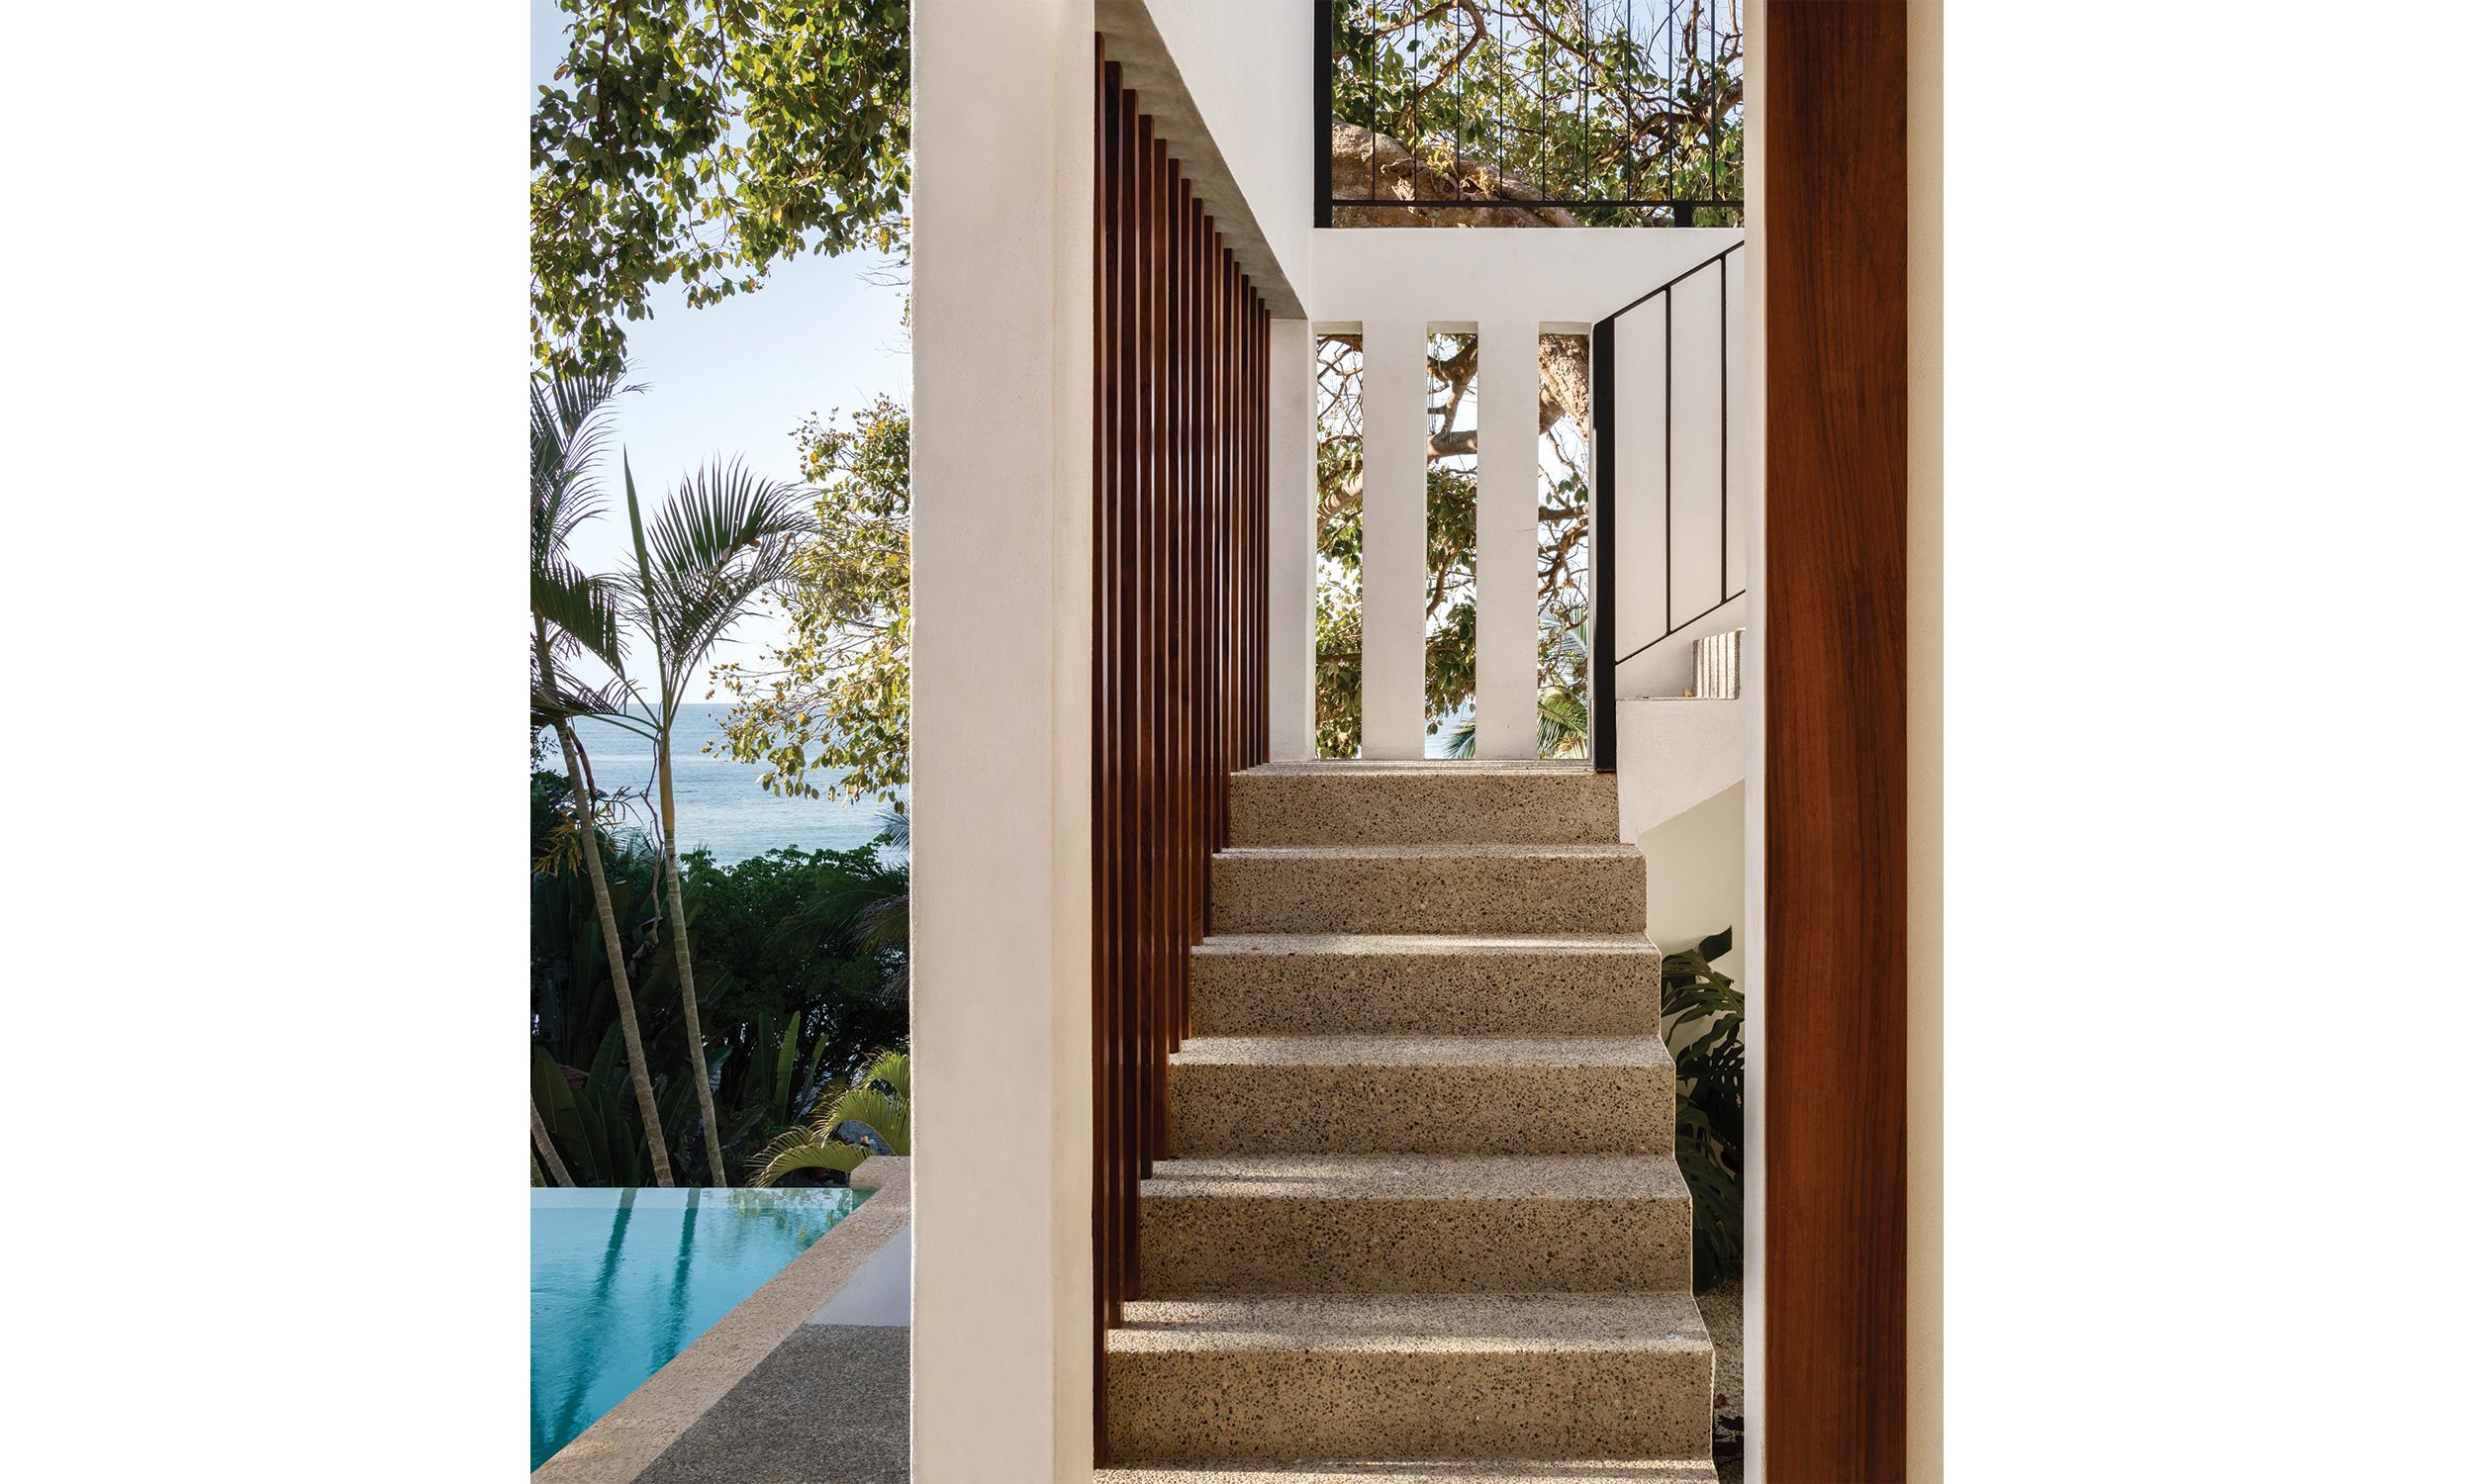 main_office_linda_theresia_rafaél_gamo_176_stairs